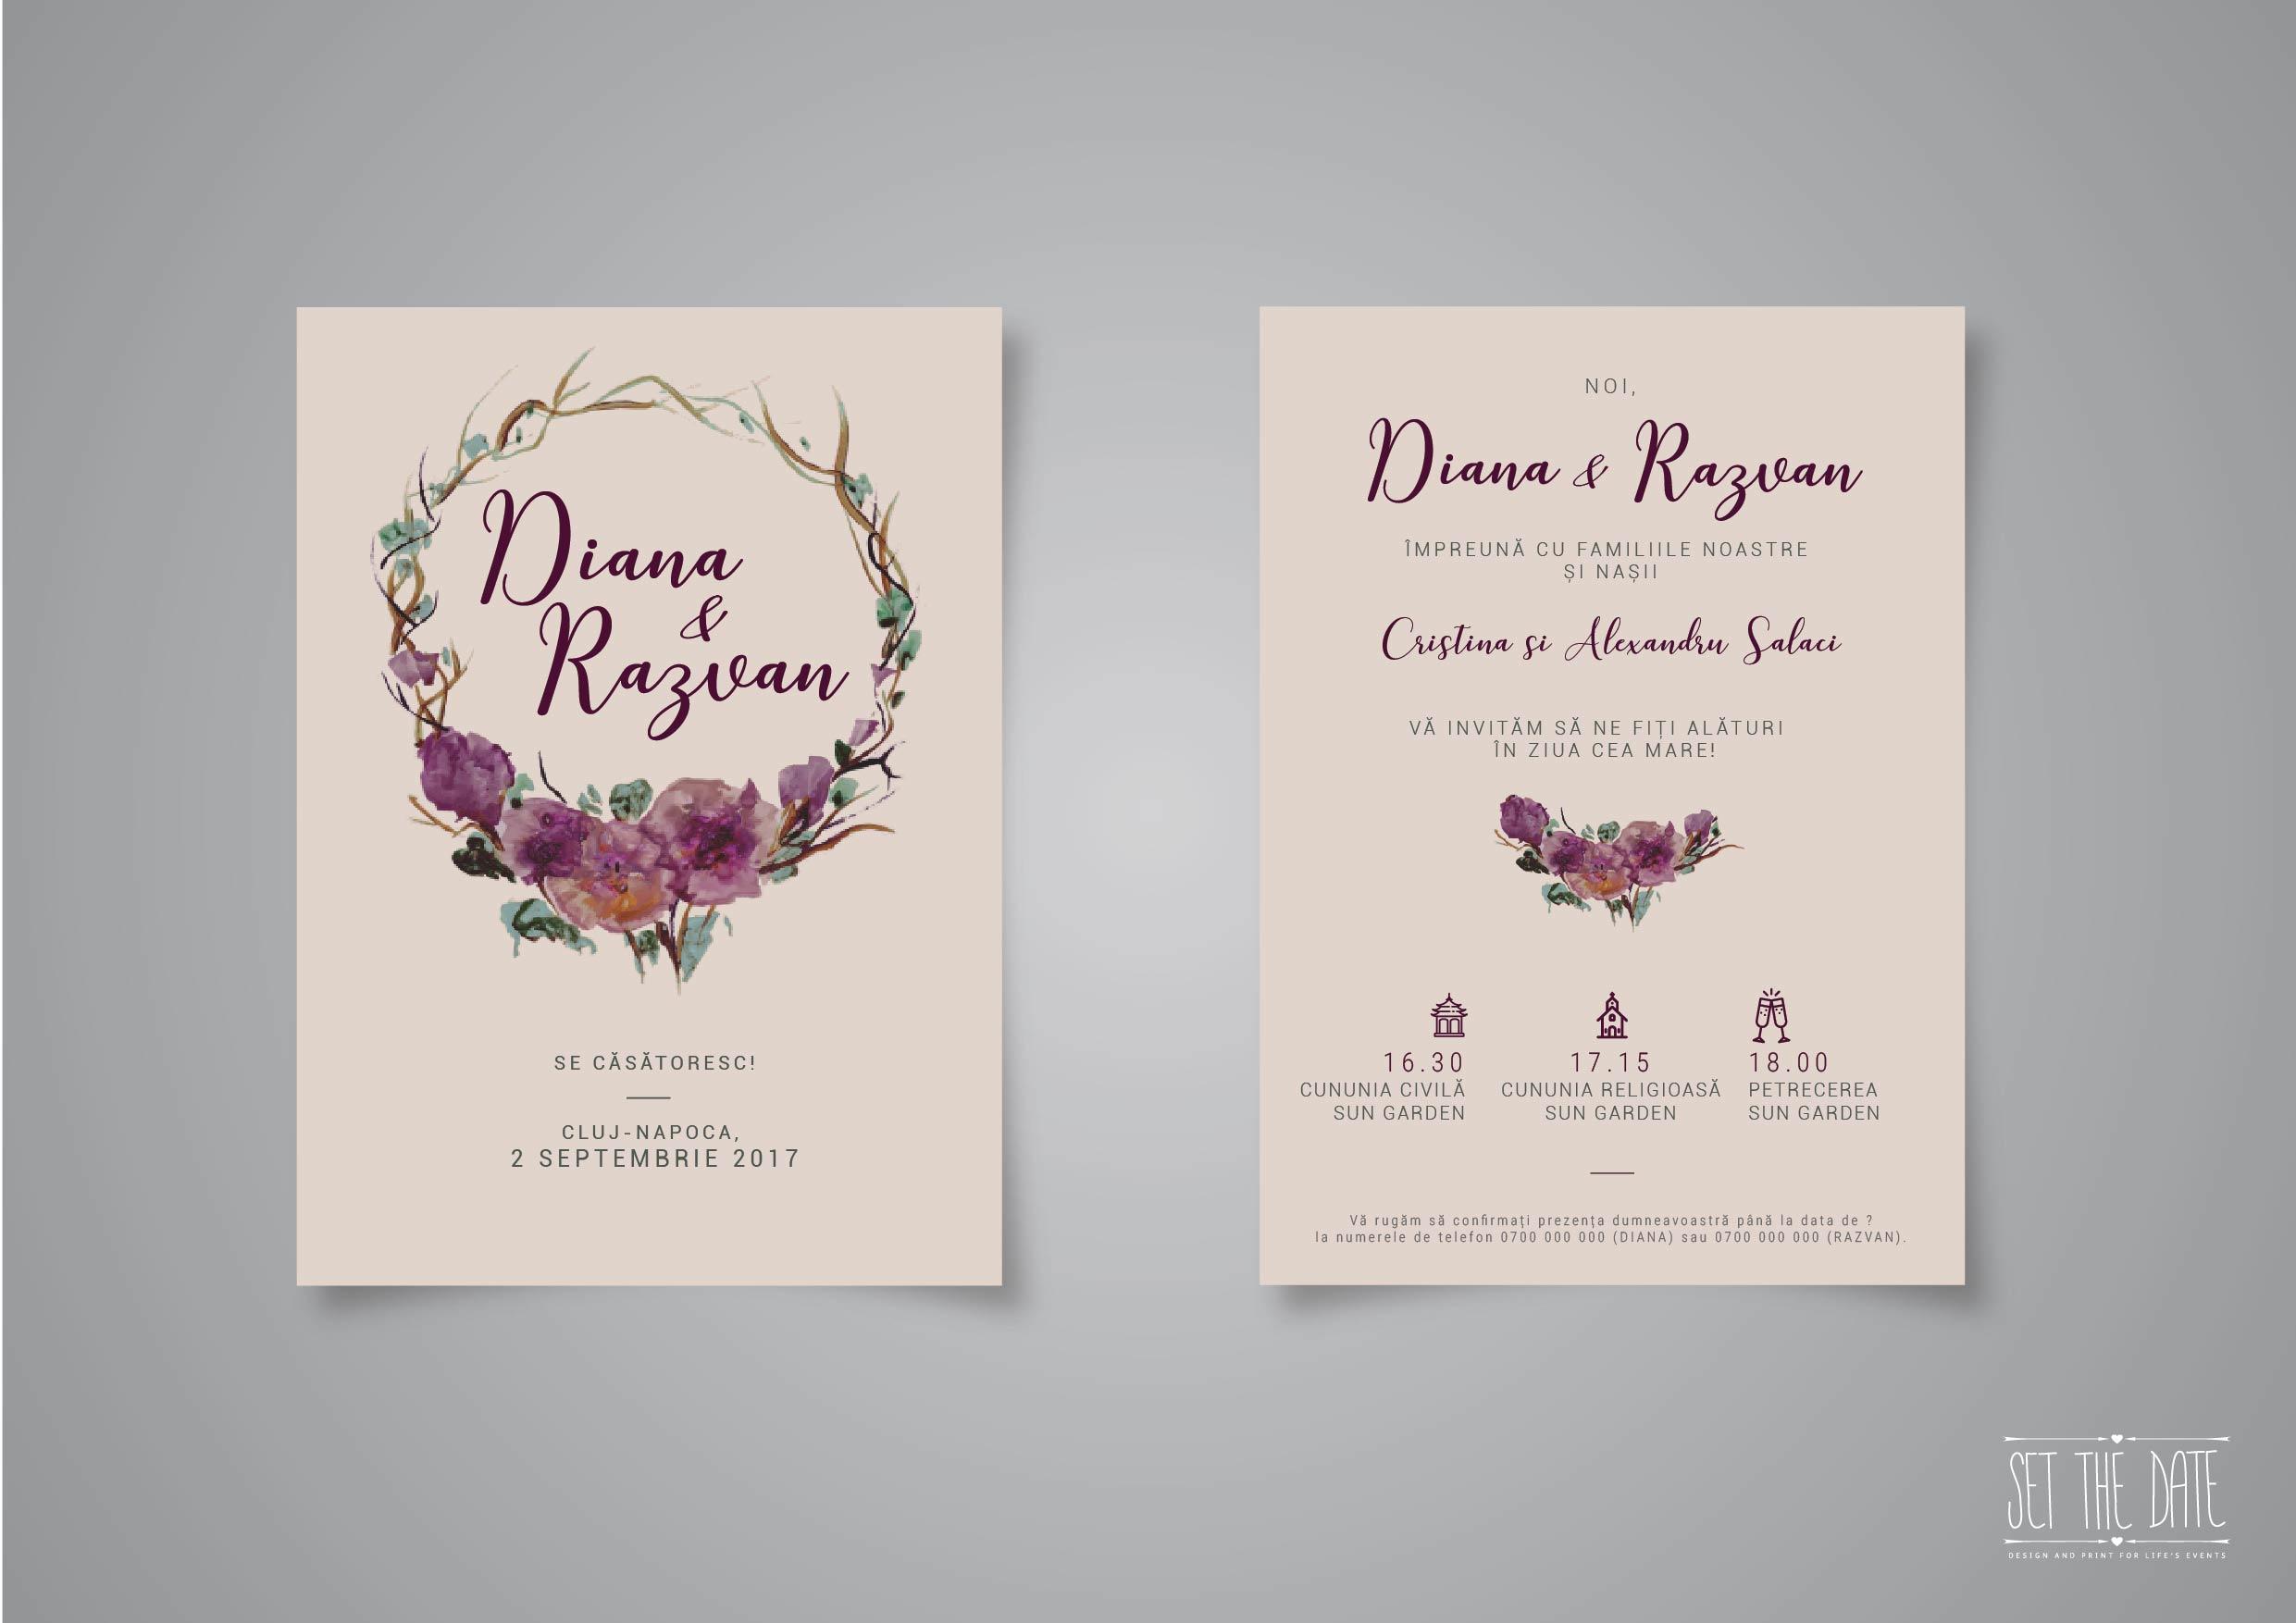 Invitatie_Diana si Razvan-01.jpg